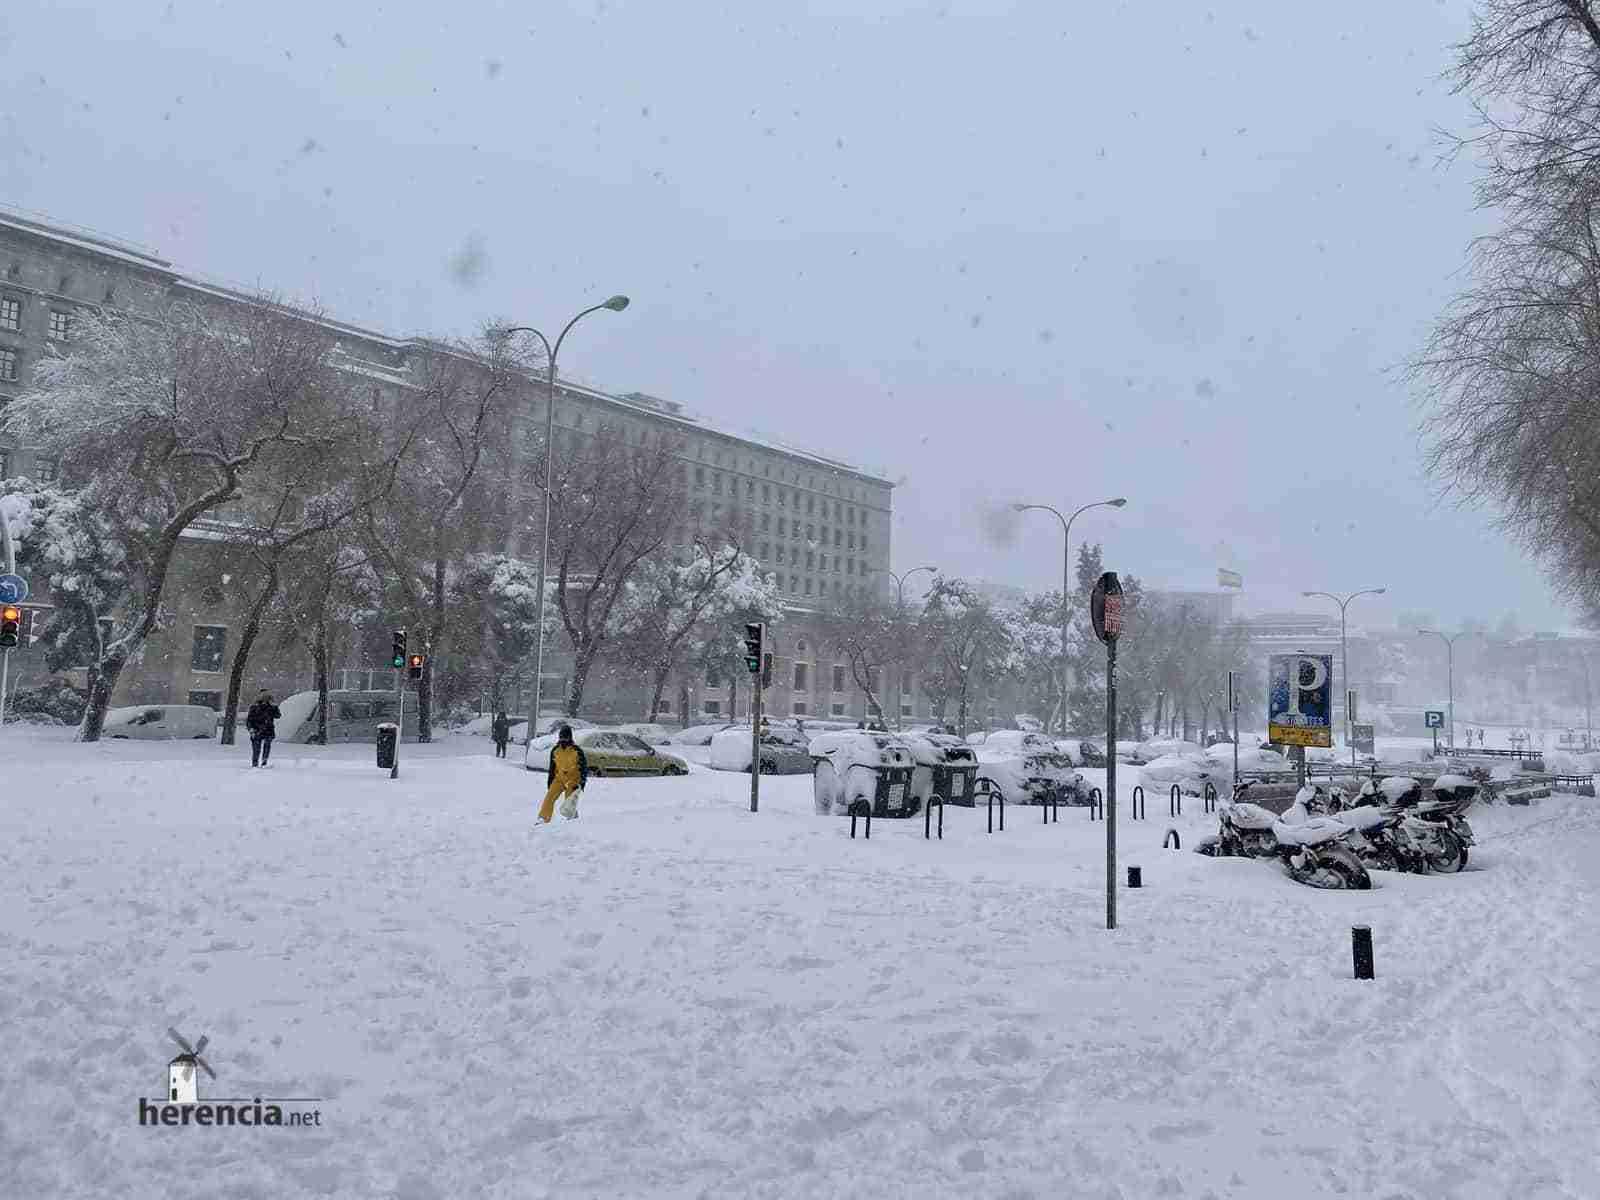 Fotografías de la nevada de enero en Madrid (España) 145